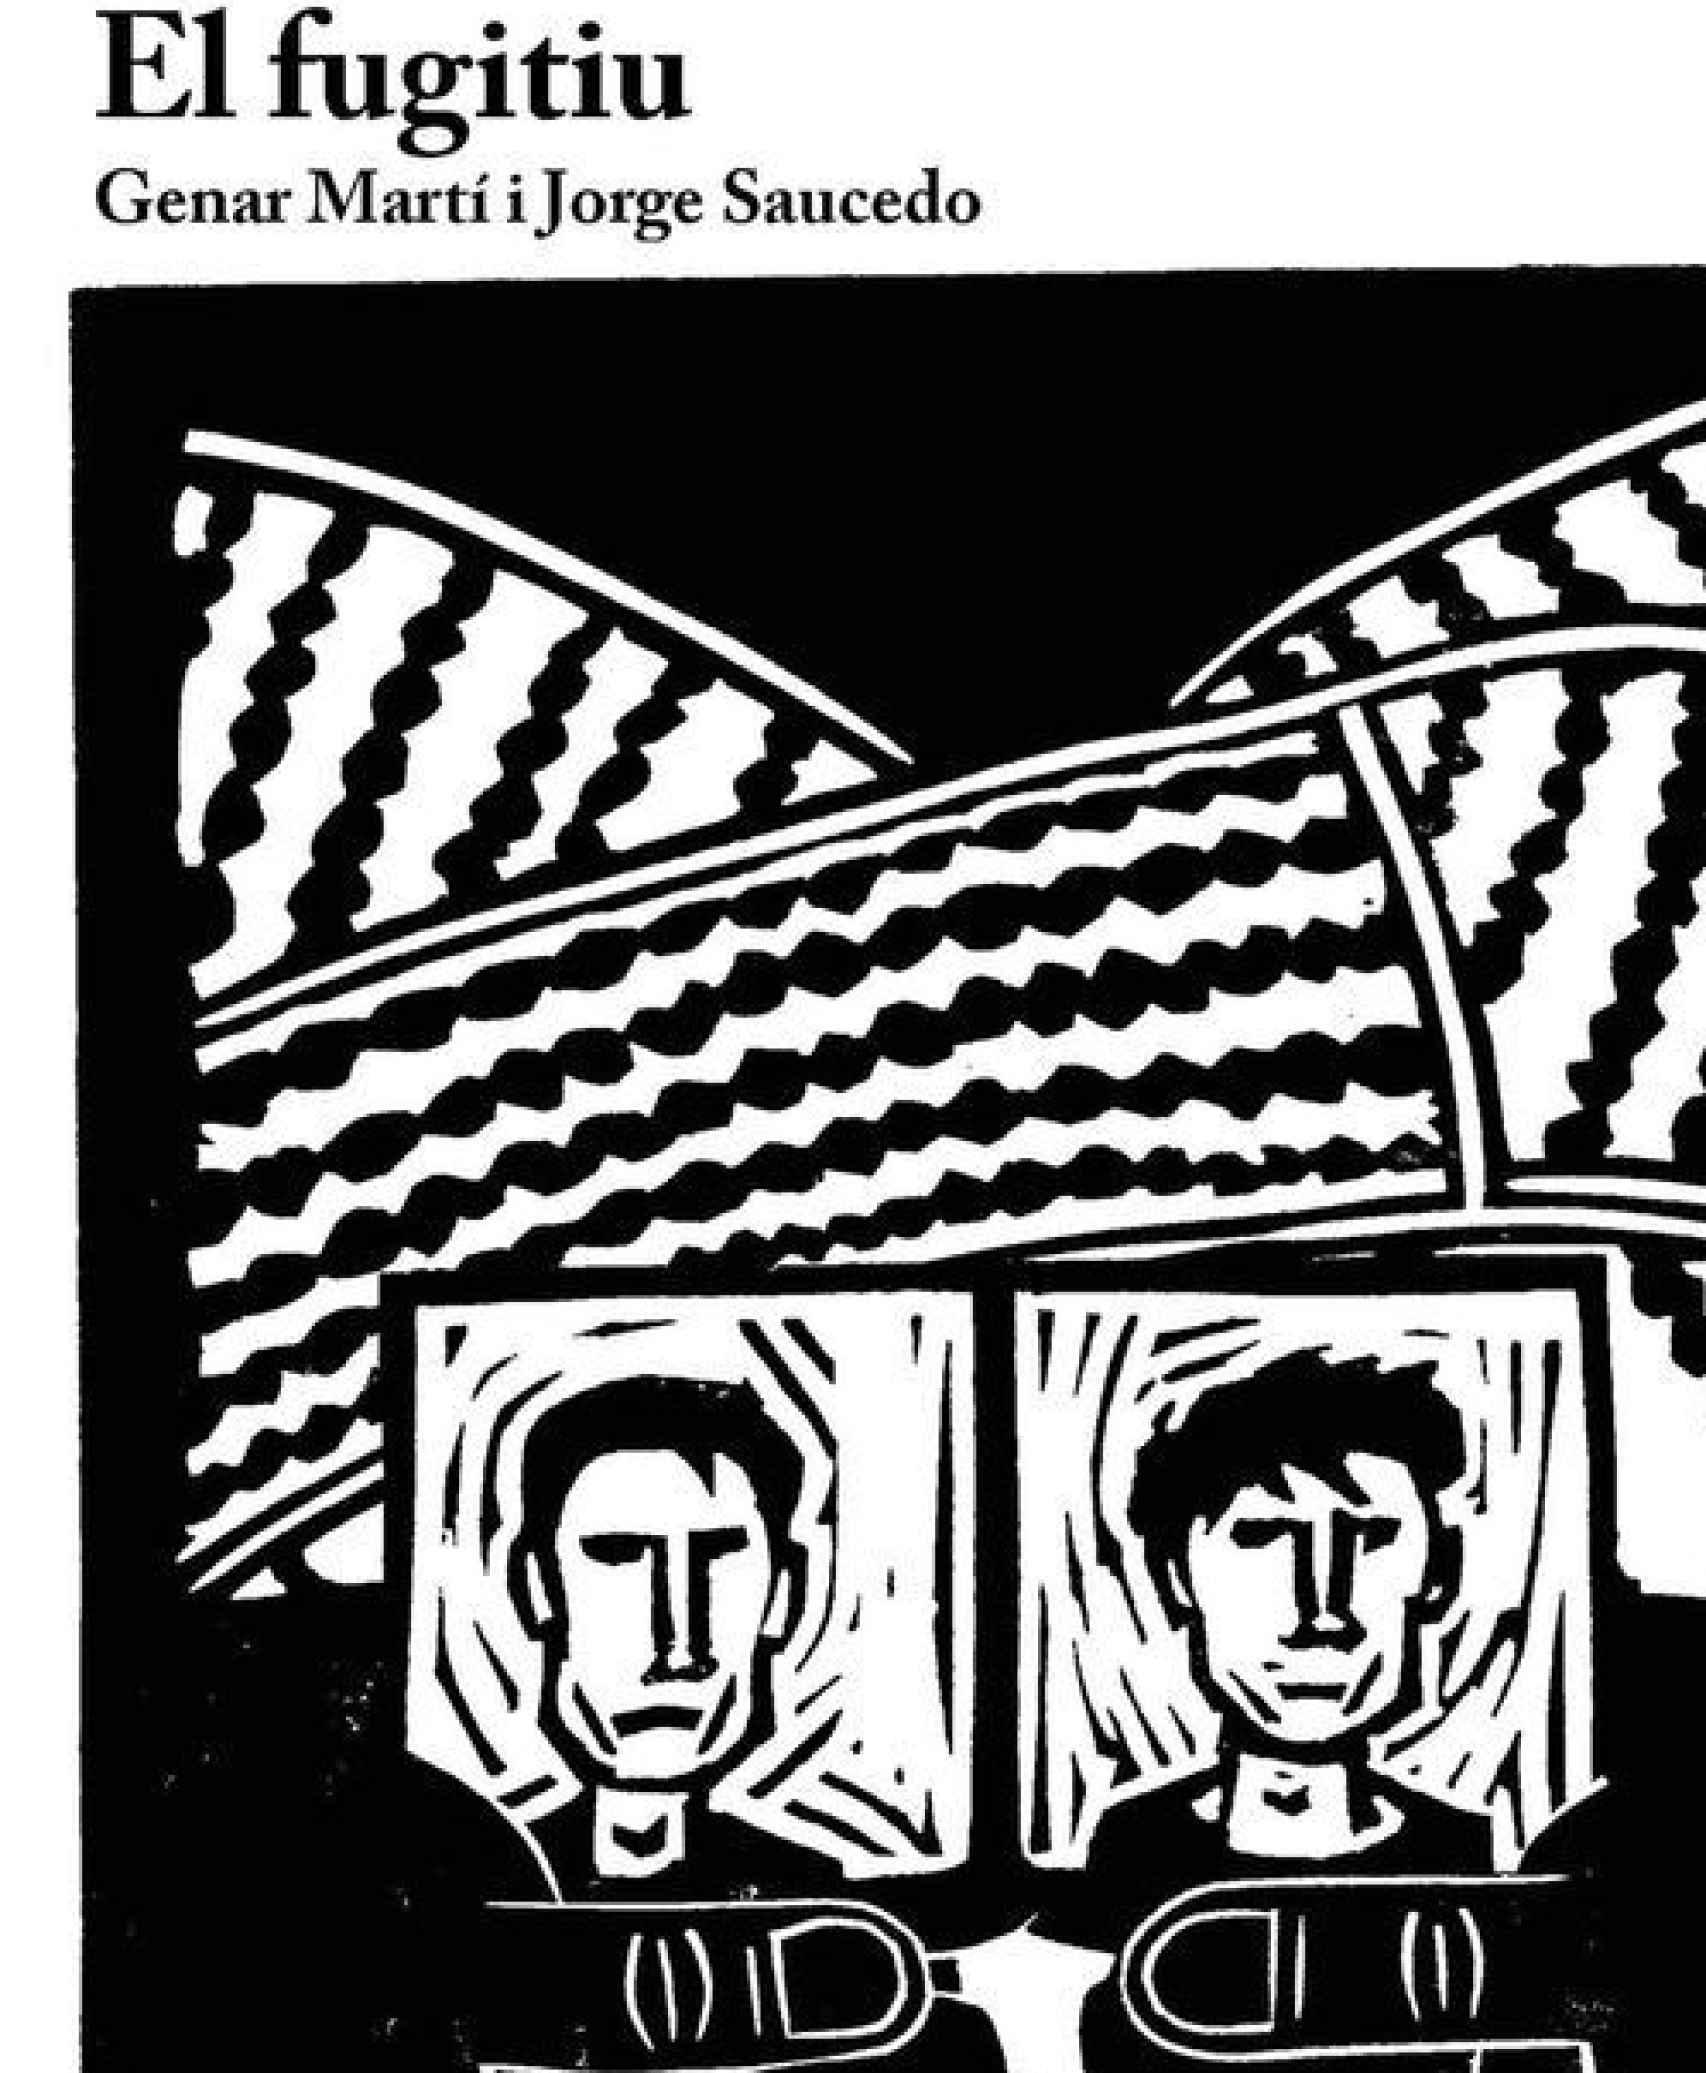 El Fugitiu, la portada del libro que investiga la fuga.